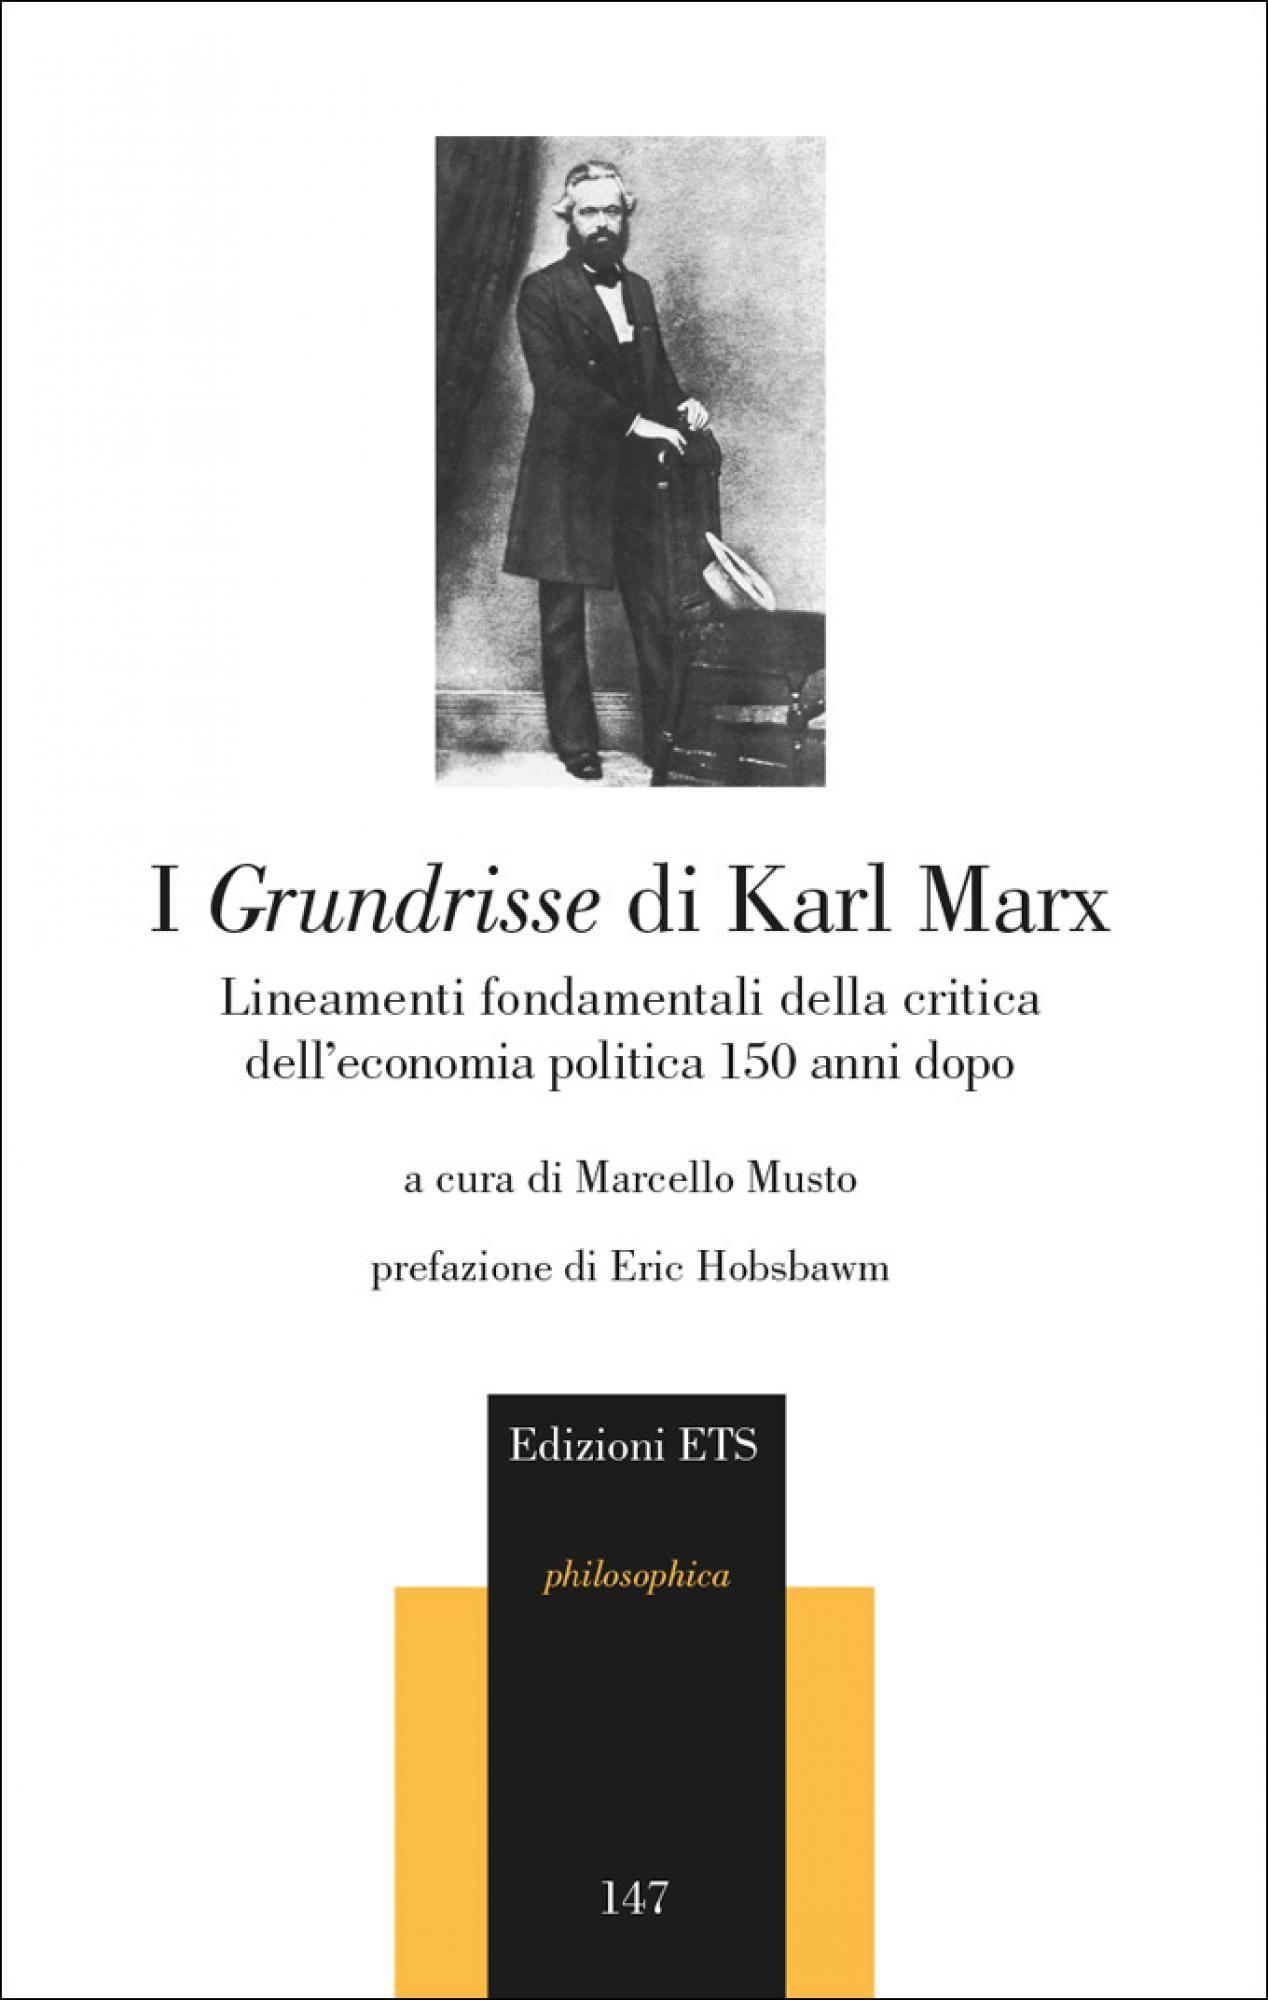 I <em>Grundrisse</em> di Karl Marx.Lineamenti fondamentali della critica dell'economia politica 150 anni dopo